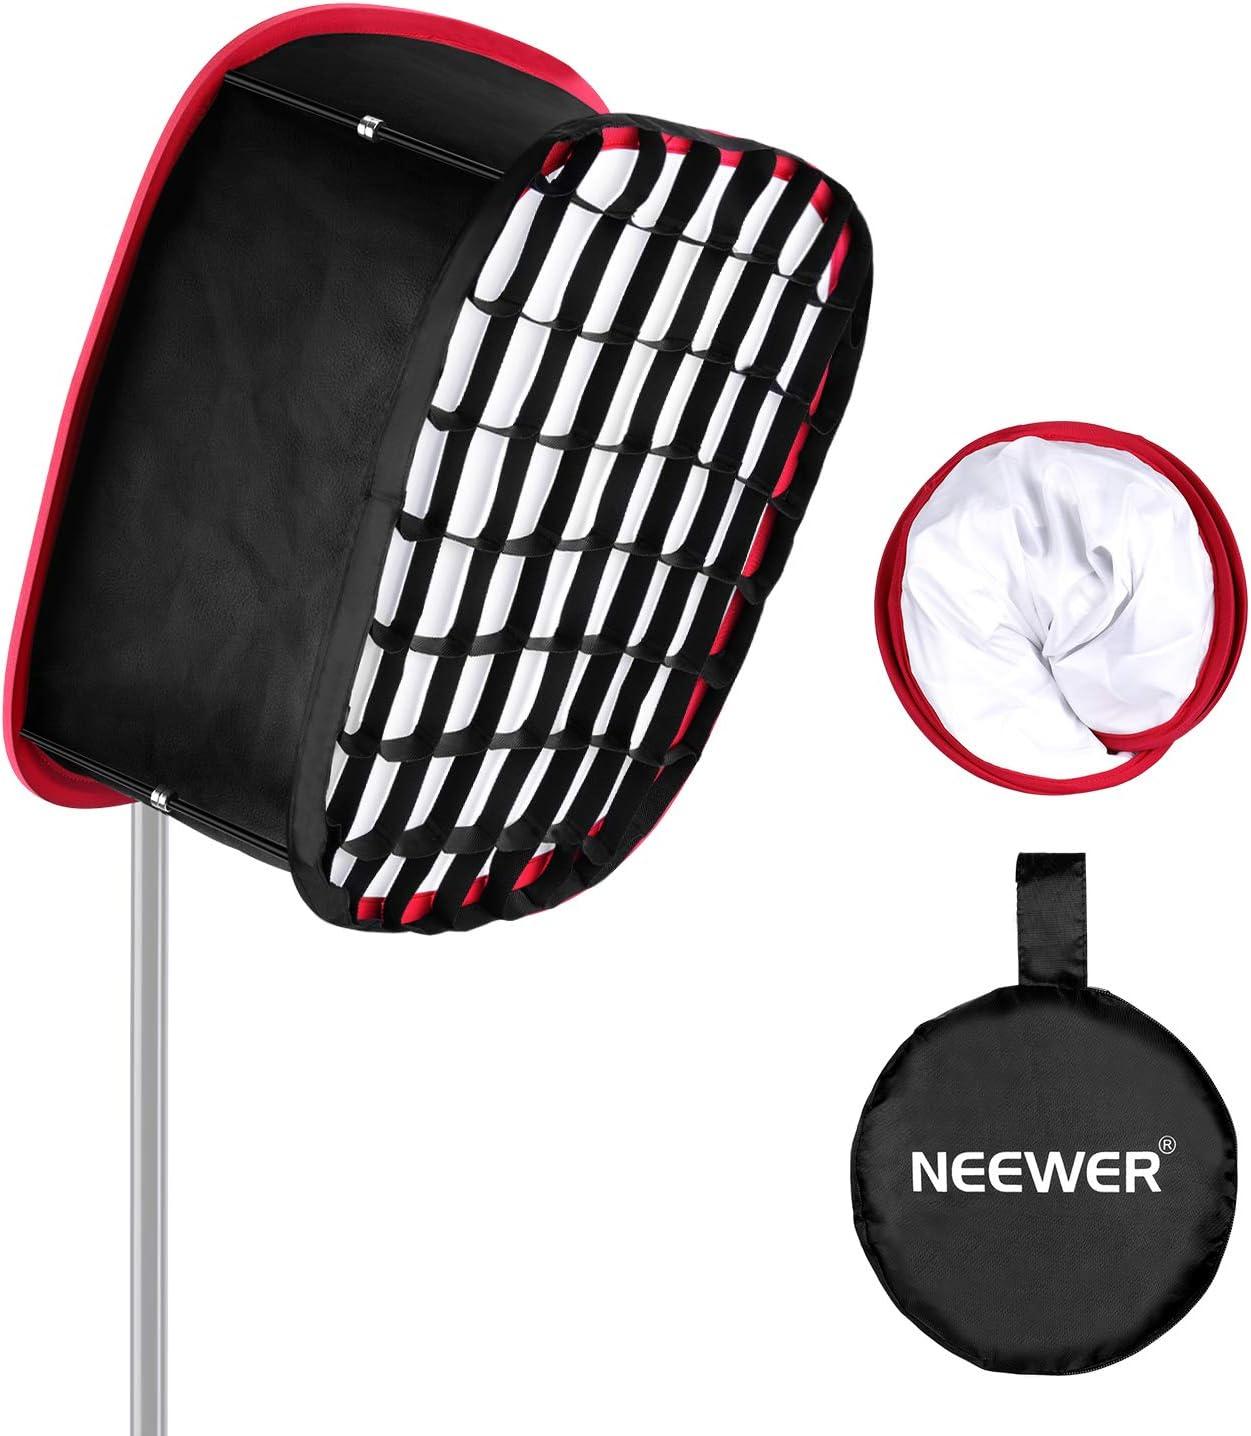 Neewer Softbox Plegable 480/660/530 Paneles Luz LED, Apertura de 23,5 x 21cm, Difusor Portátil Plegable, Accesorio de Correa con Rejilla y Bolsa de Transporte para Iluminación de Estudio Fotográfico: Amazon.es: Electrónica